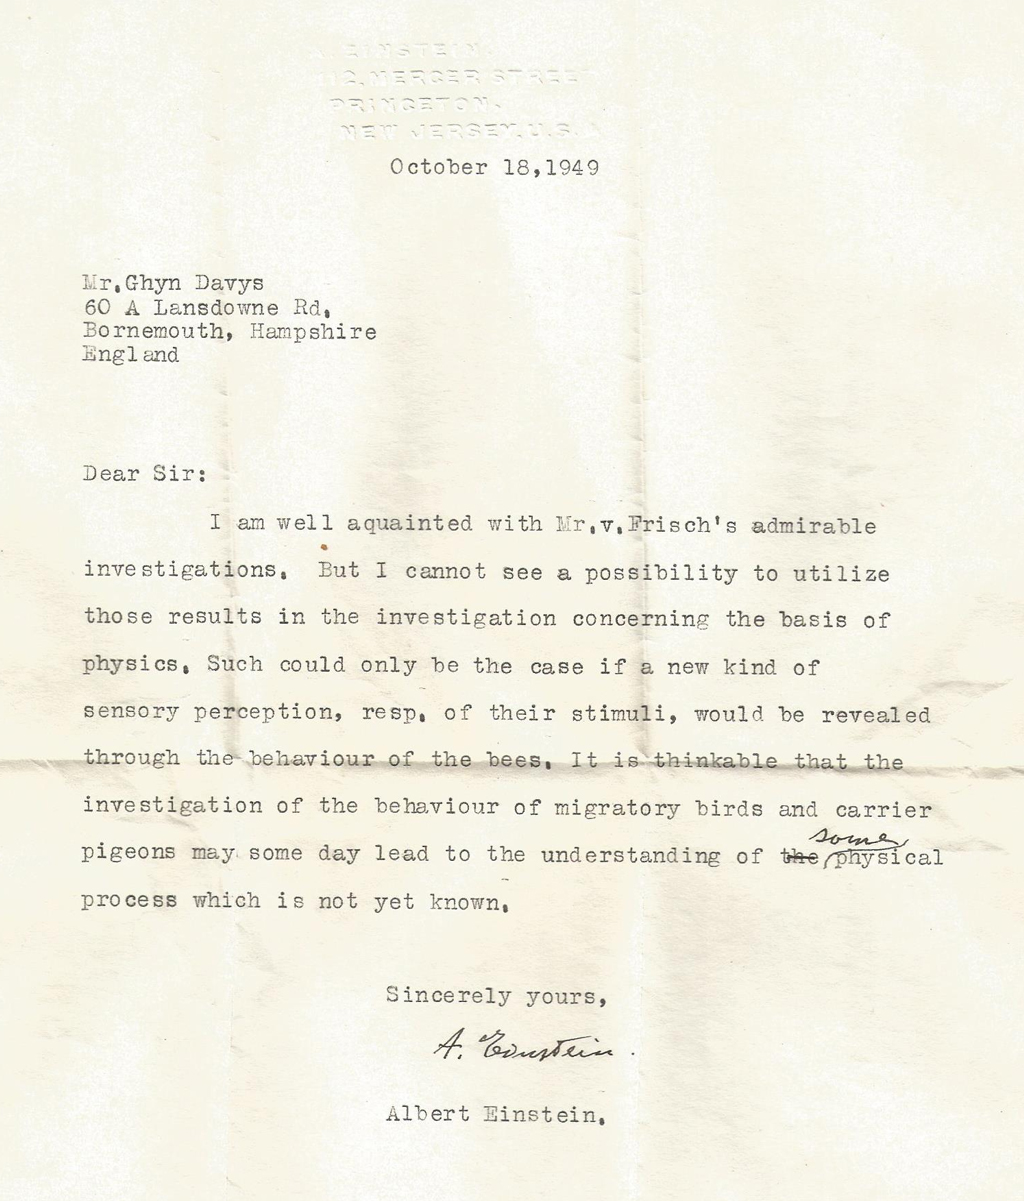 Foto da carta escrita em máquina de escrever e assinada por Einstein.